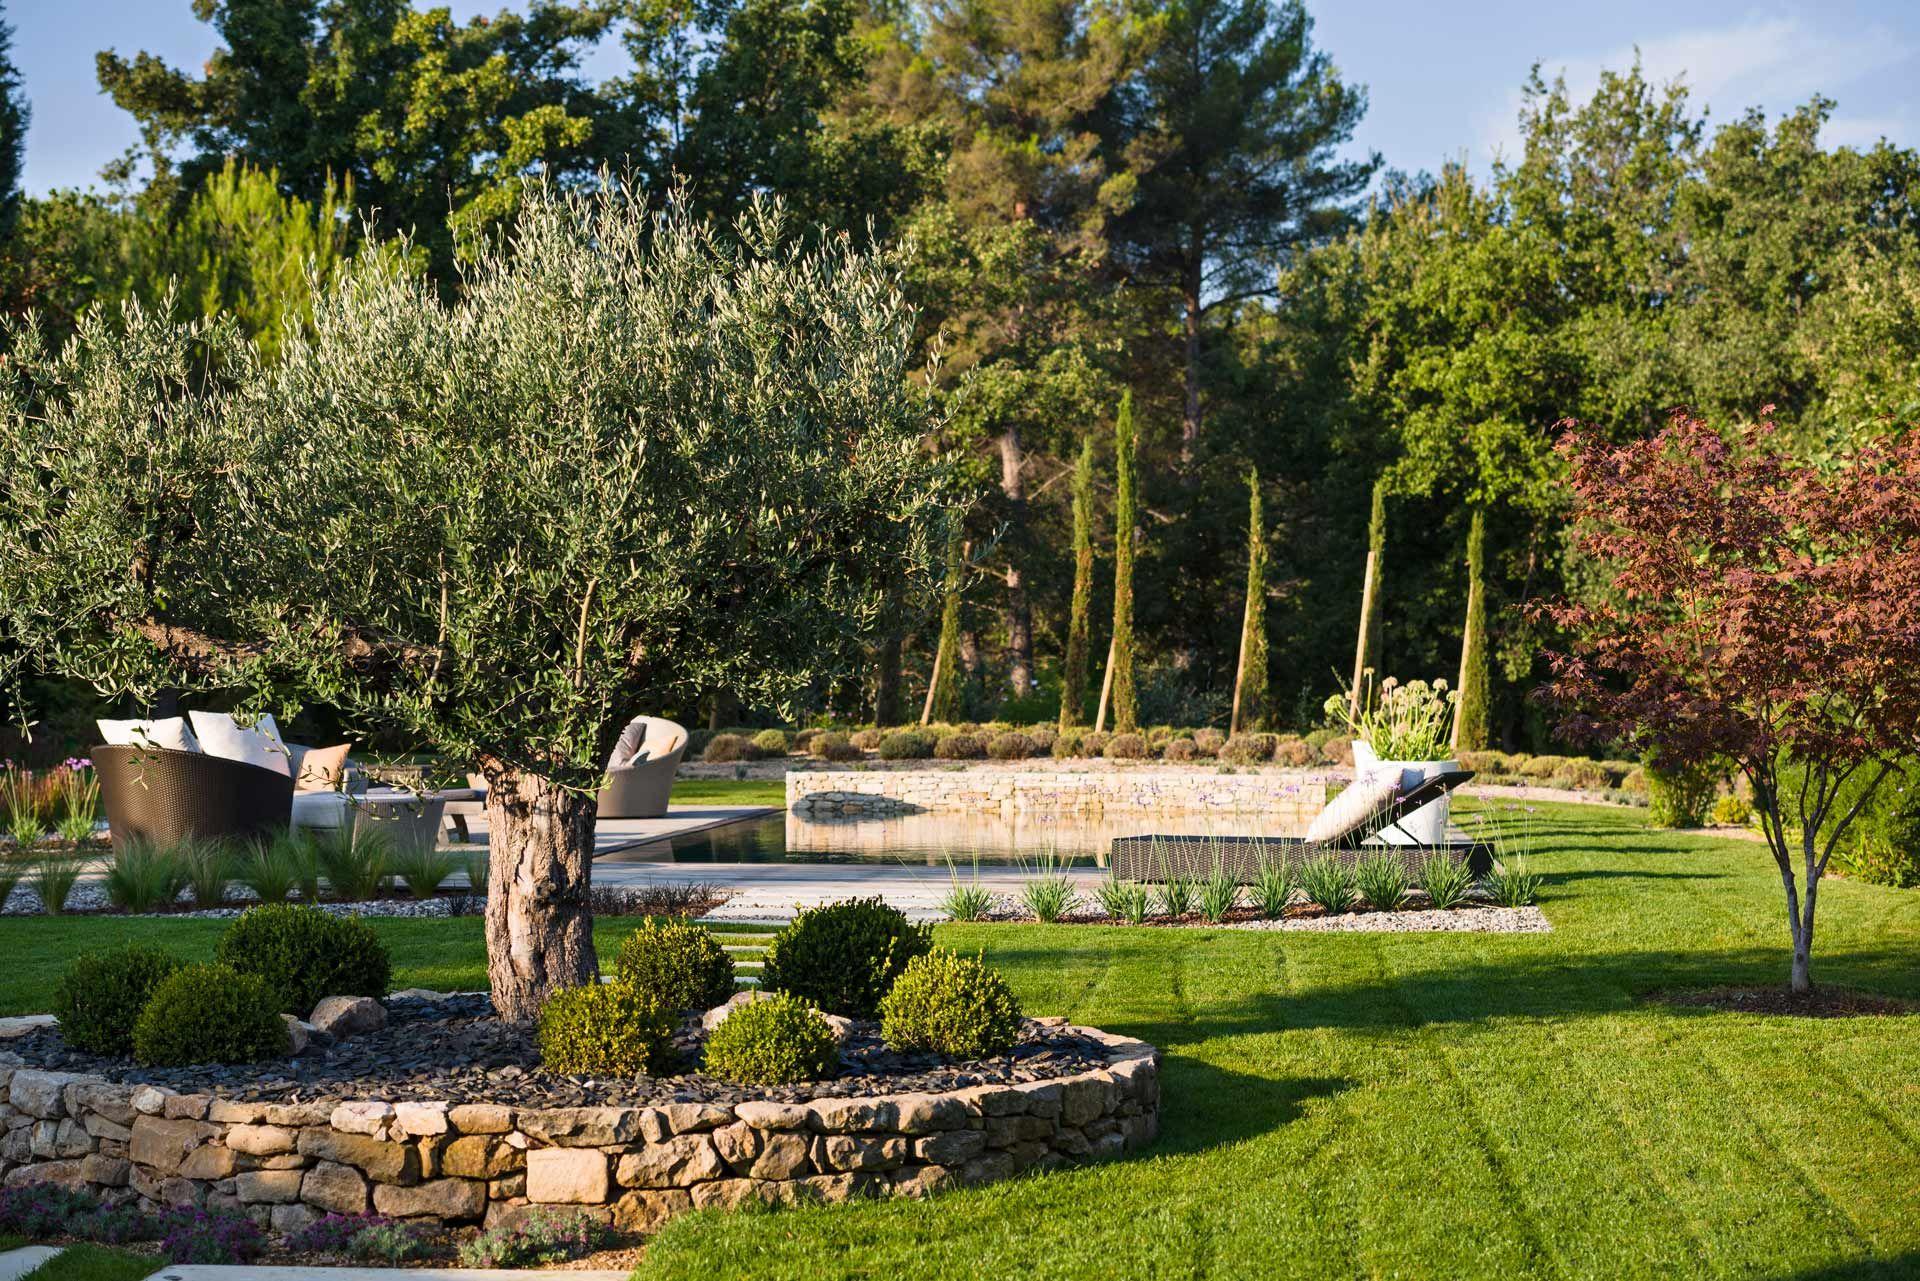 758a1f67ecf868ac5b488002ea0b02de Unique De Amenagement Jardin Paysager Des Idées